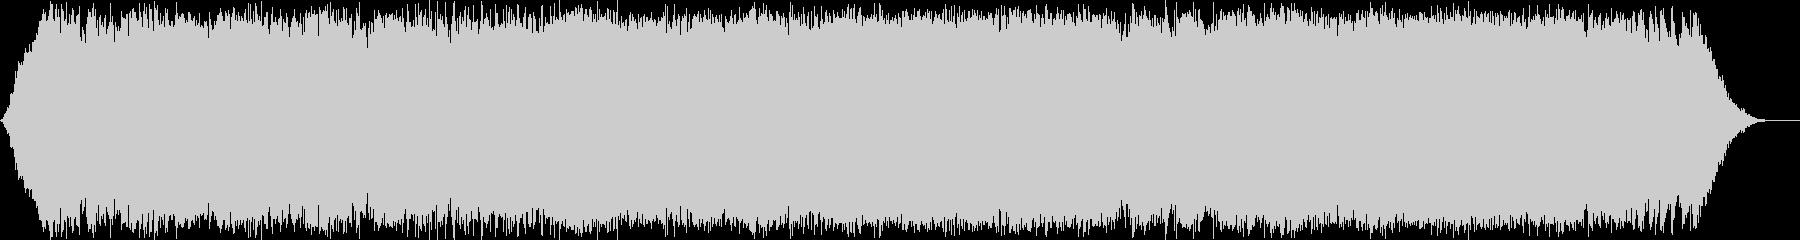 ダークファンタジーオーケストラ戦闘曲52の未再生の波形